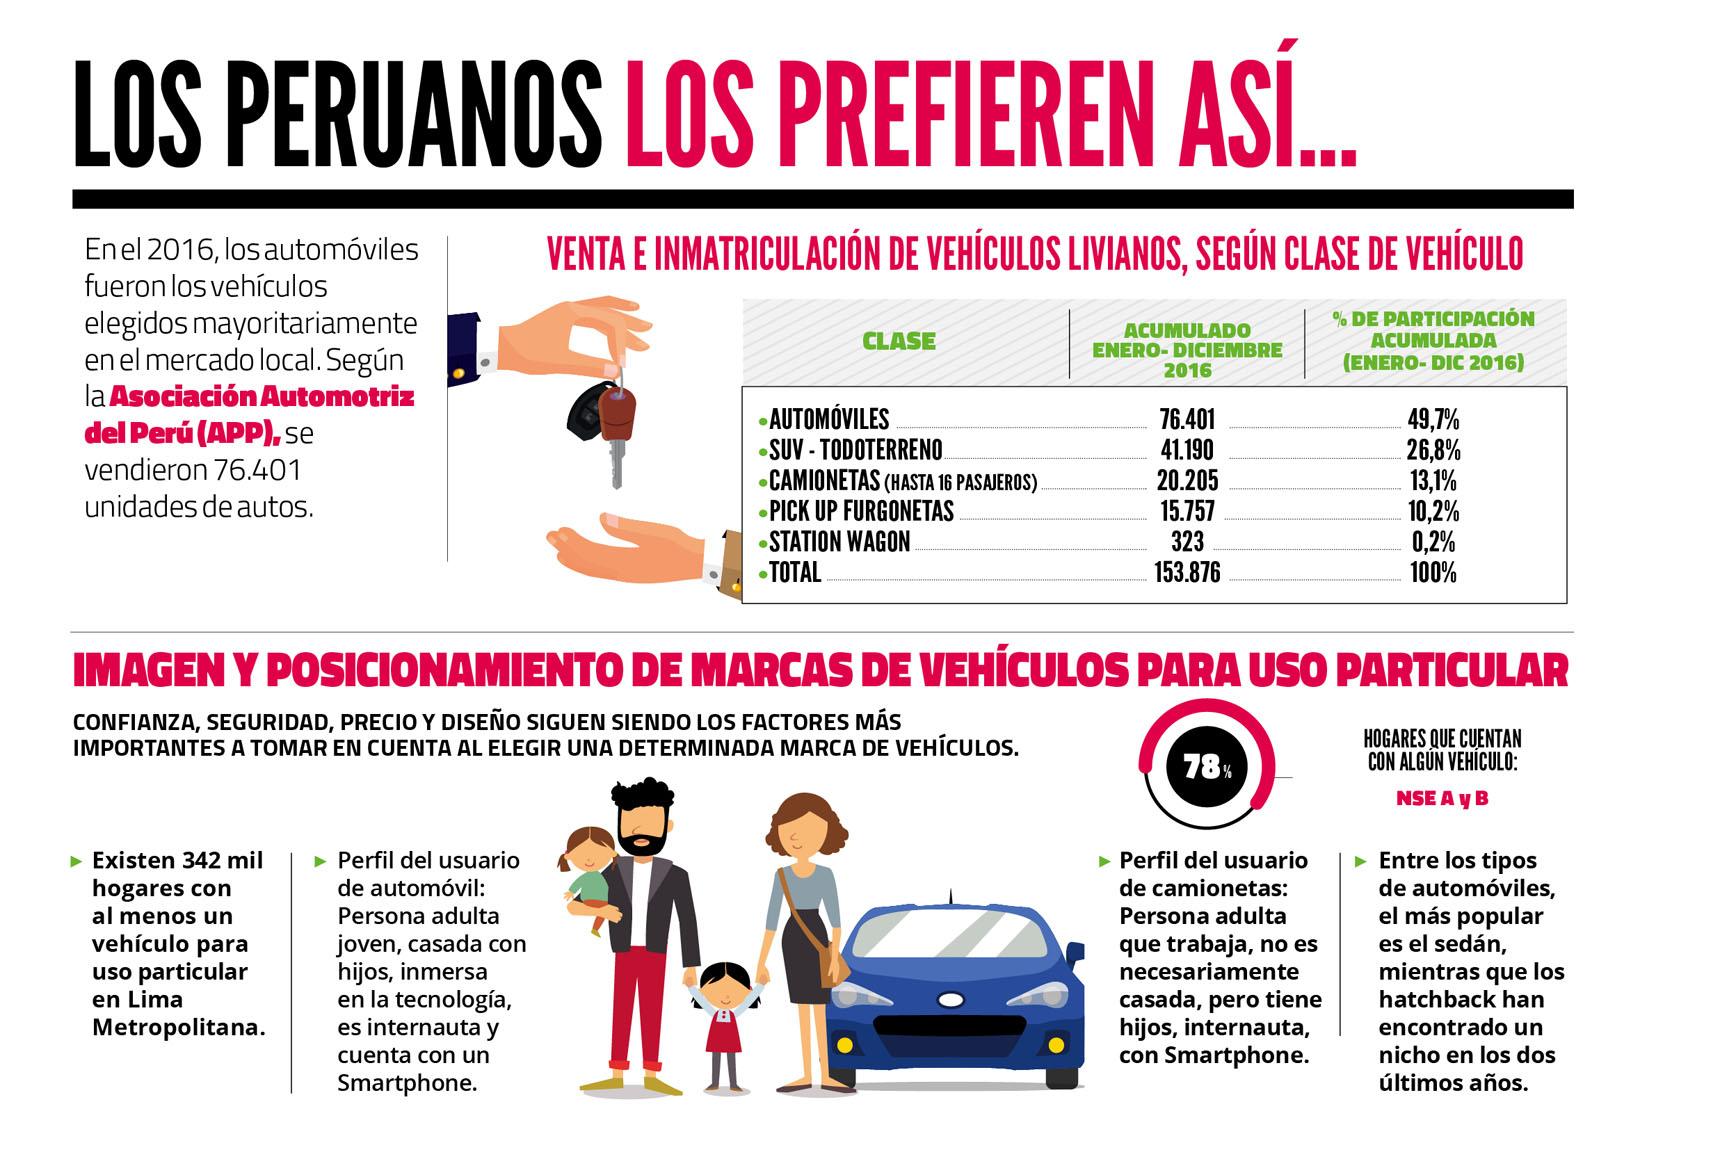 Preferencia de los peruanos en el mercado automotriz